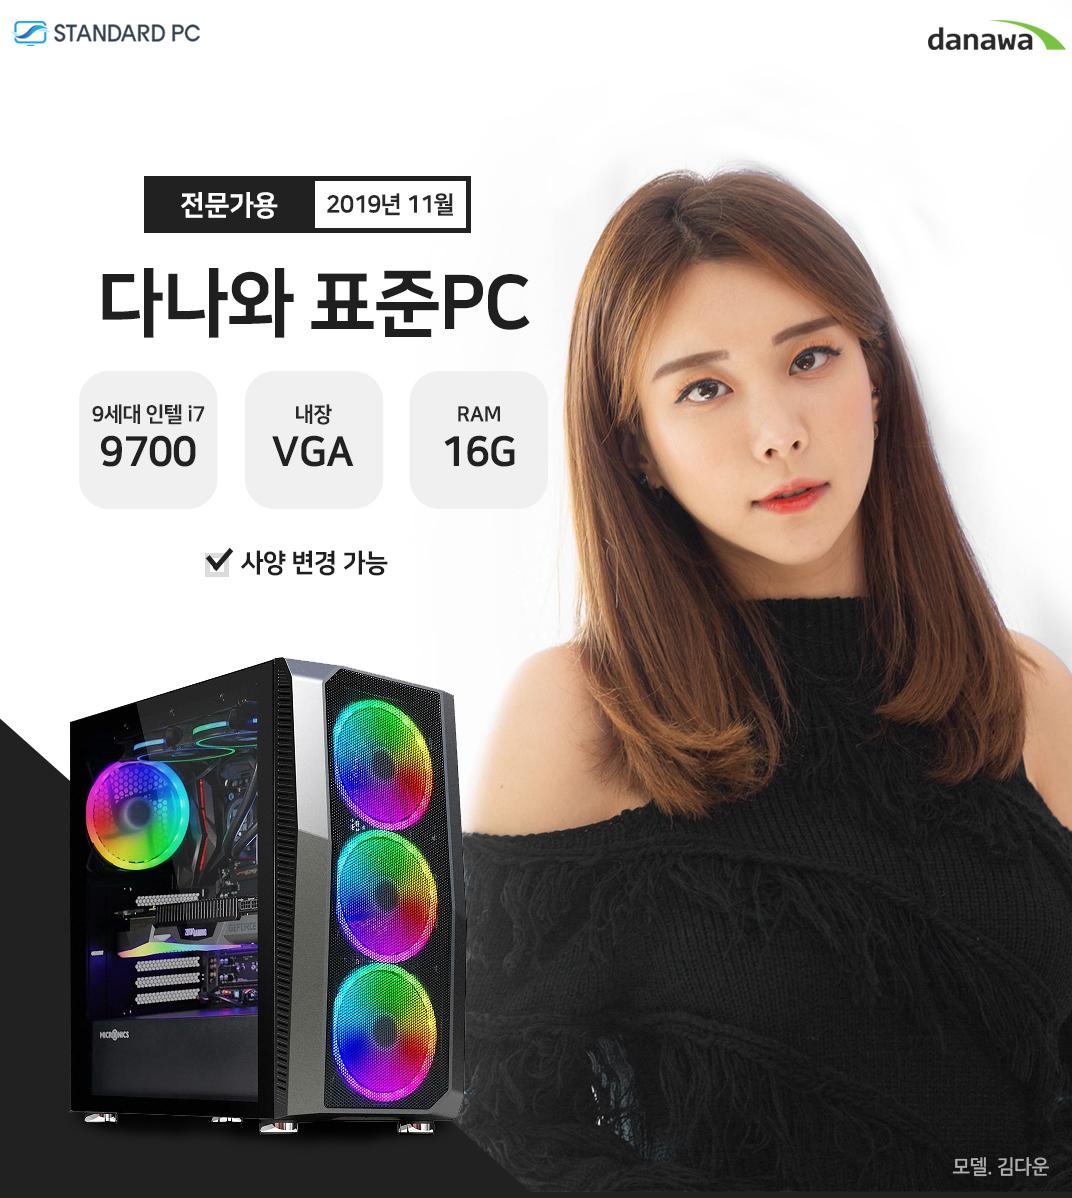 2019년 11월 다나와 표준PC 프로그래밍용  인텔 i7-9세대 9700 내장그래픽 RAM 16G 모델 문가경